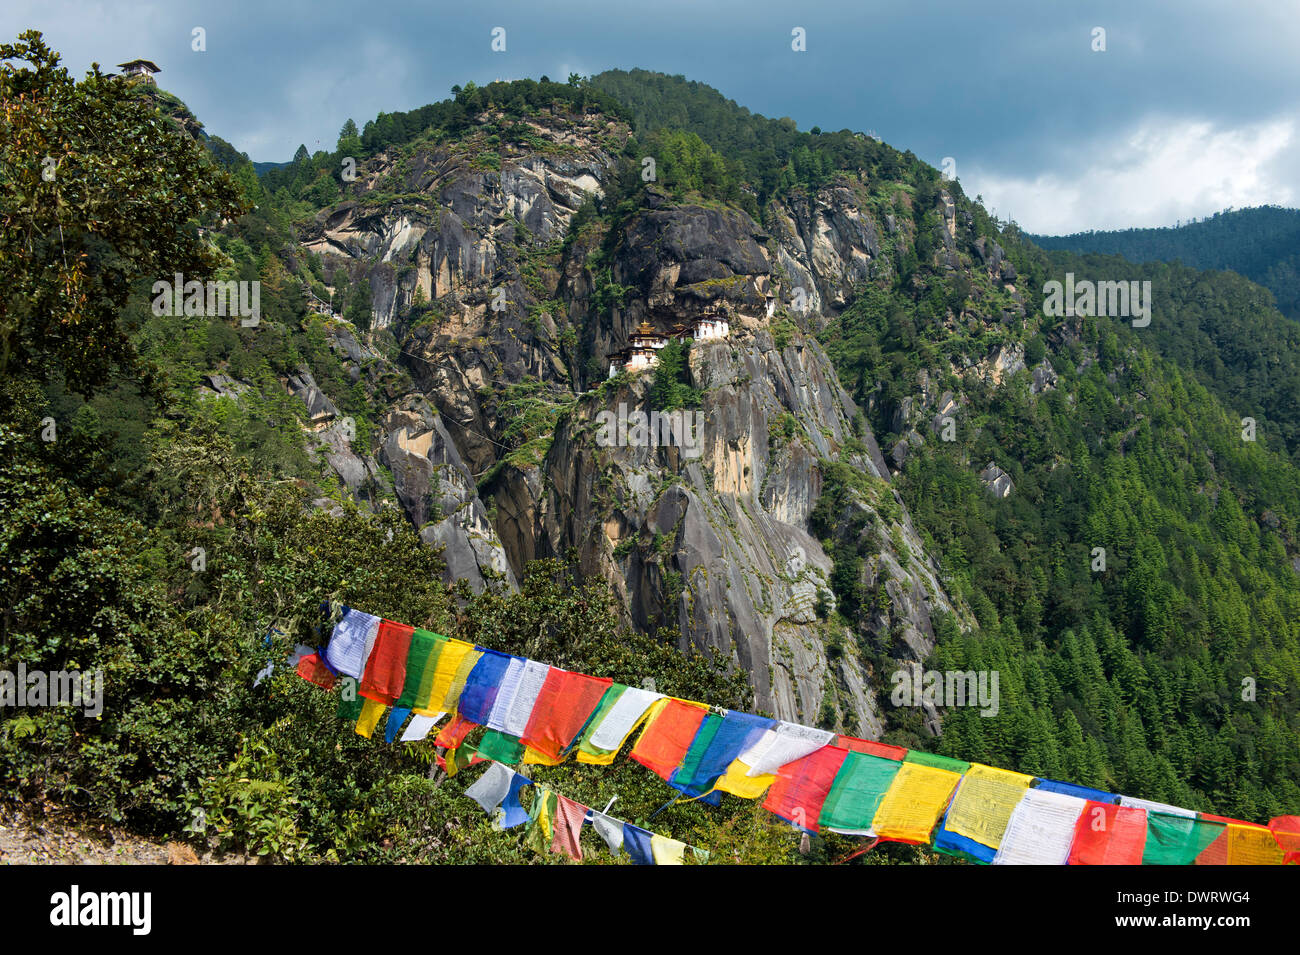 Scogliera con Tiger's Nest Monastero Taktsang Palphug Monastero, Paro Taktsang, Bhutan Foto Stock